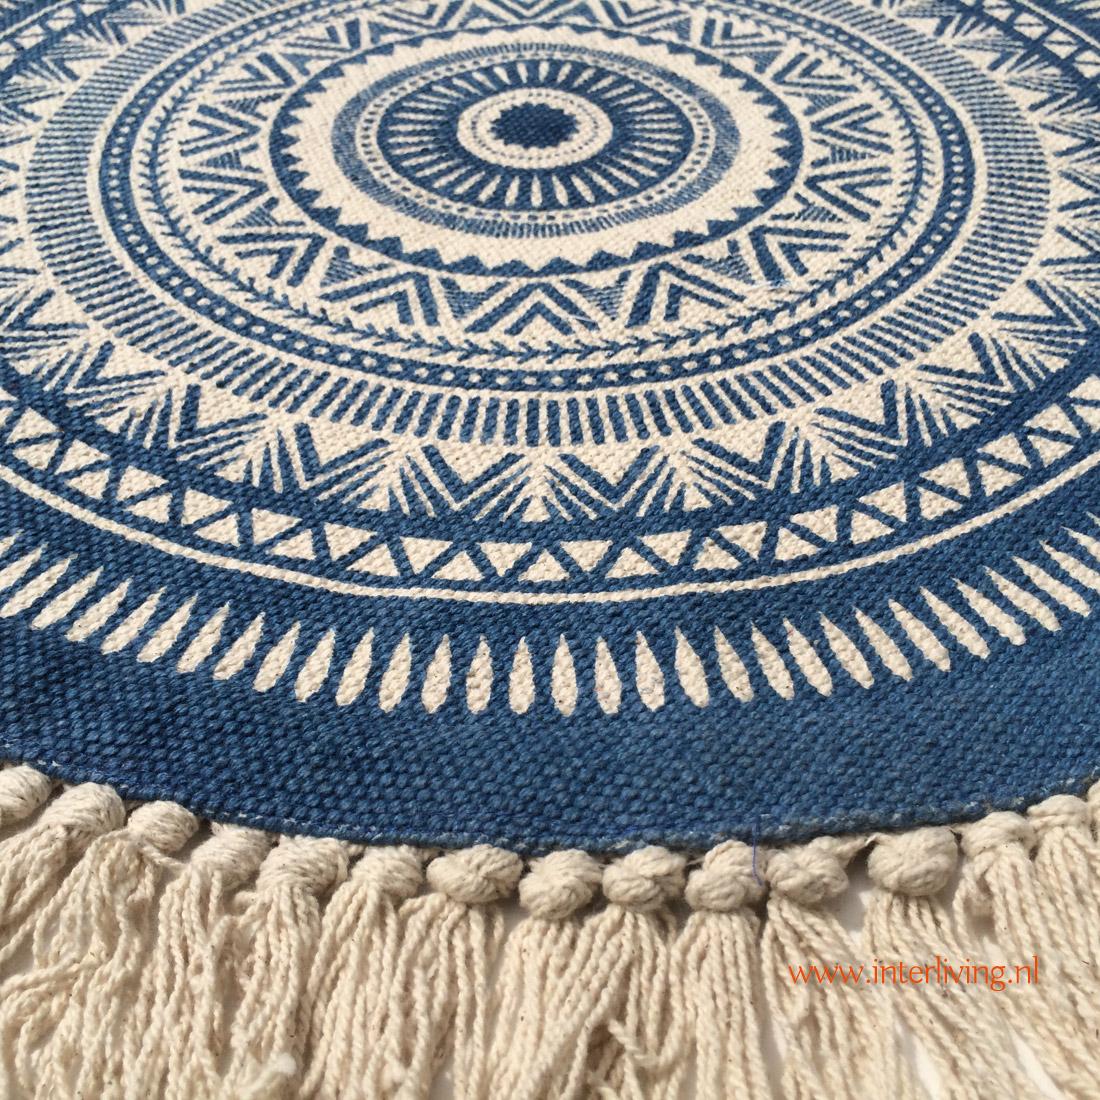 rond tafelkleed met vrolijk oosters tribal dessin in blauw wit - roundies met witte kwastjes